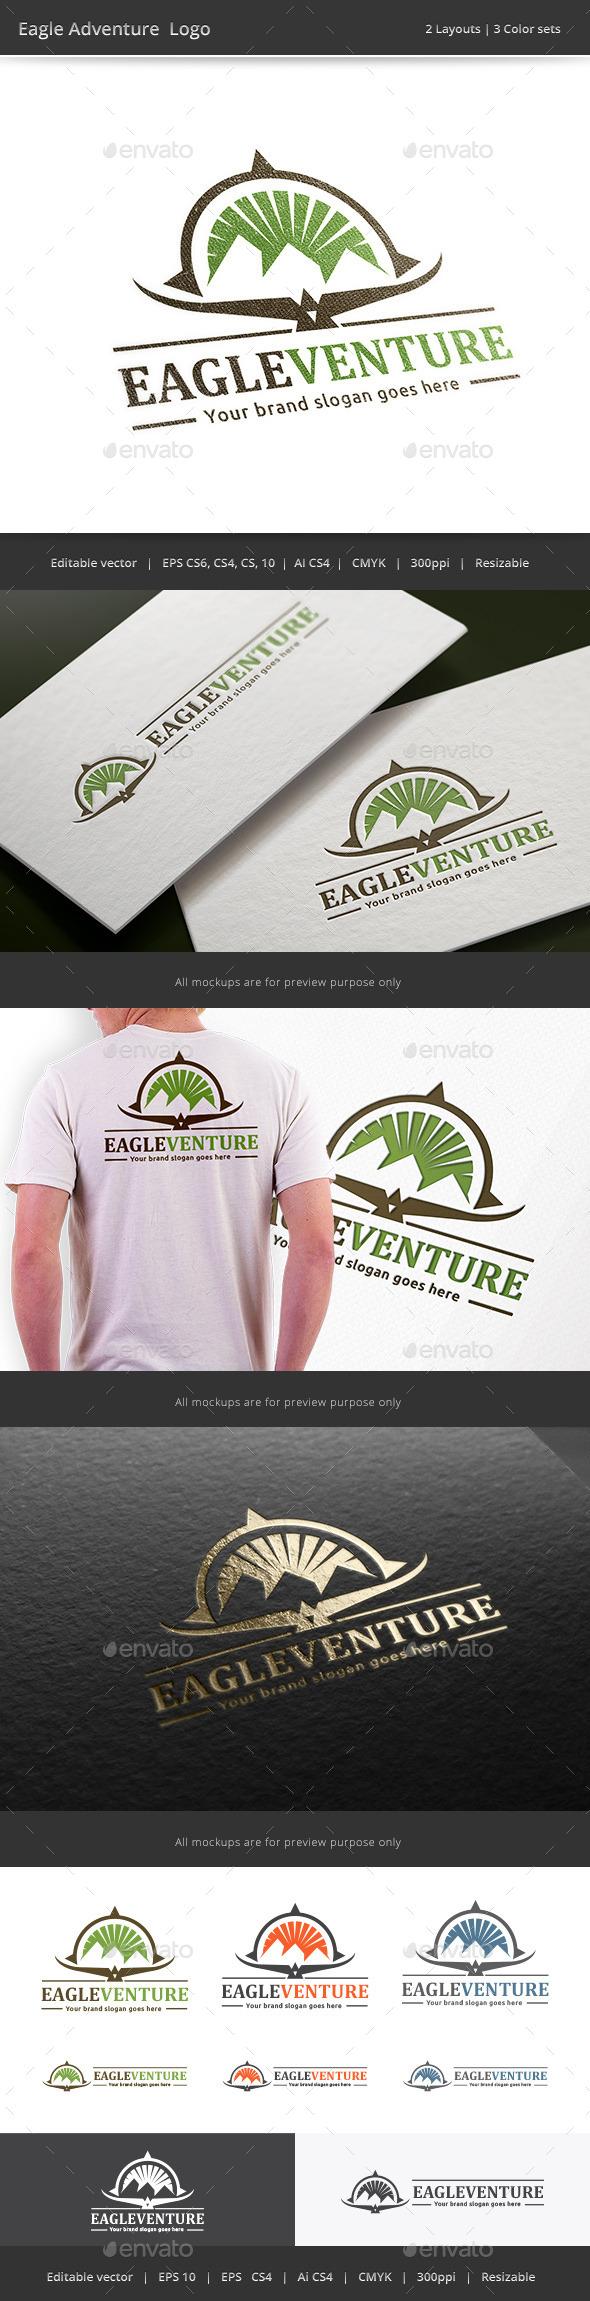 Eagle Adventure Logo - Vector Abstract